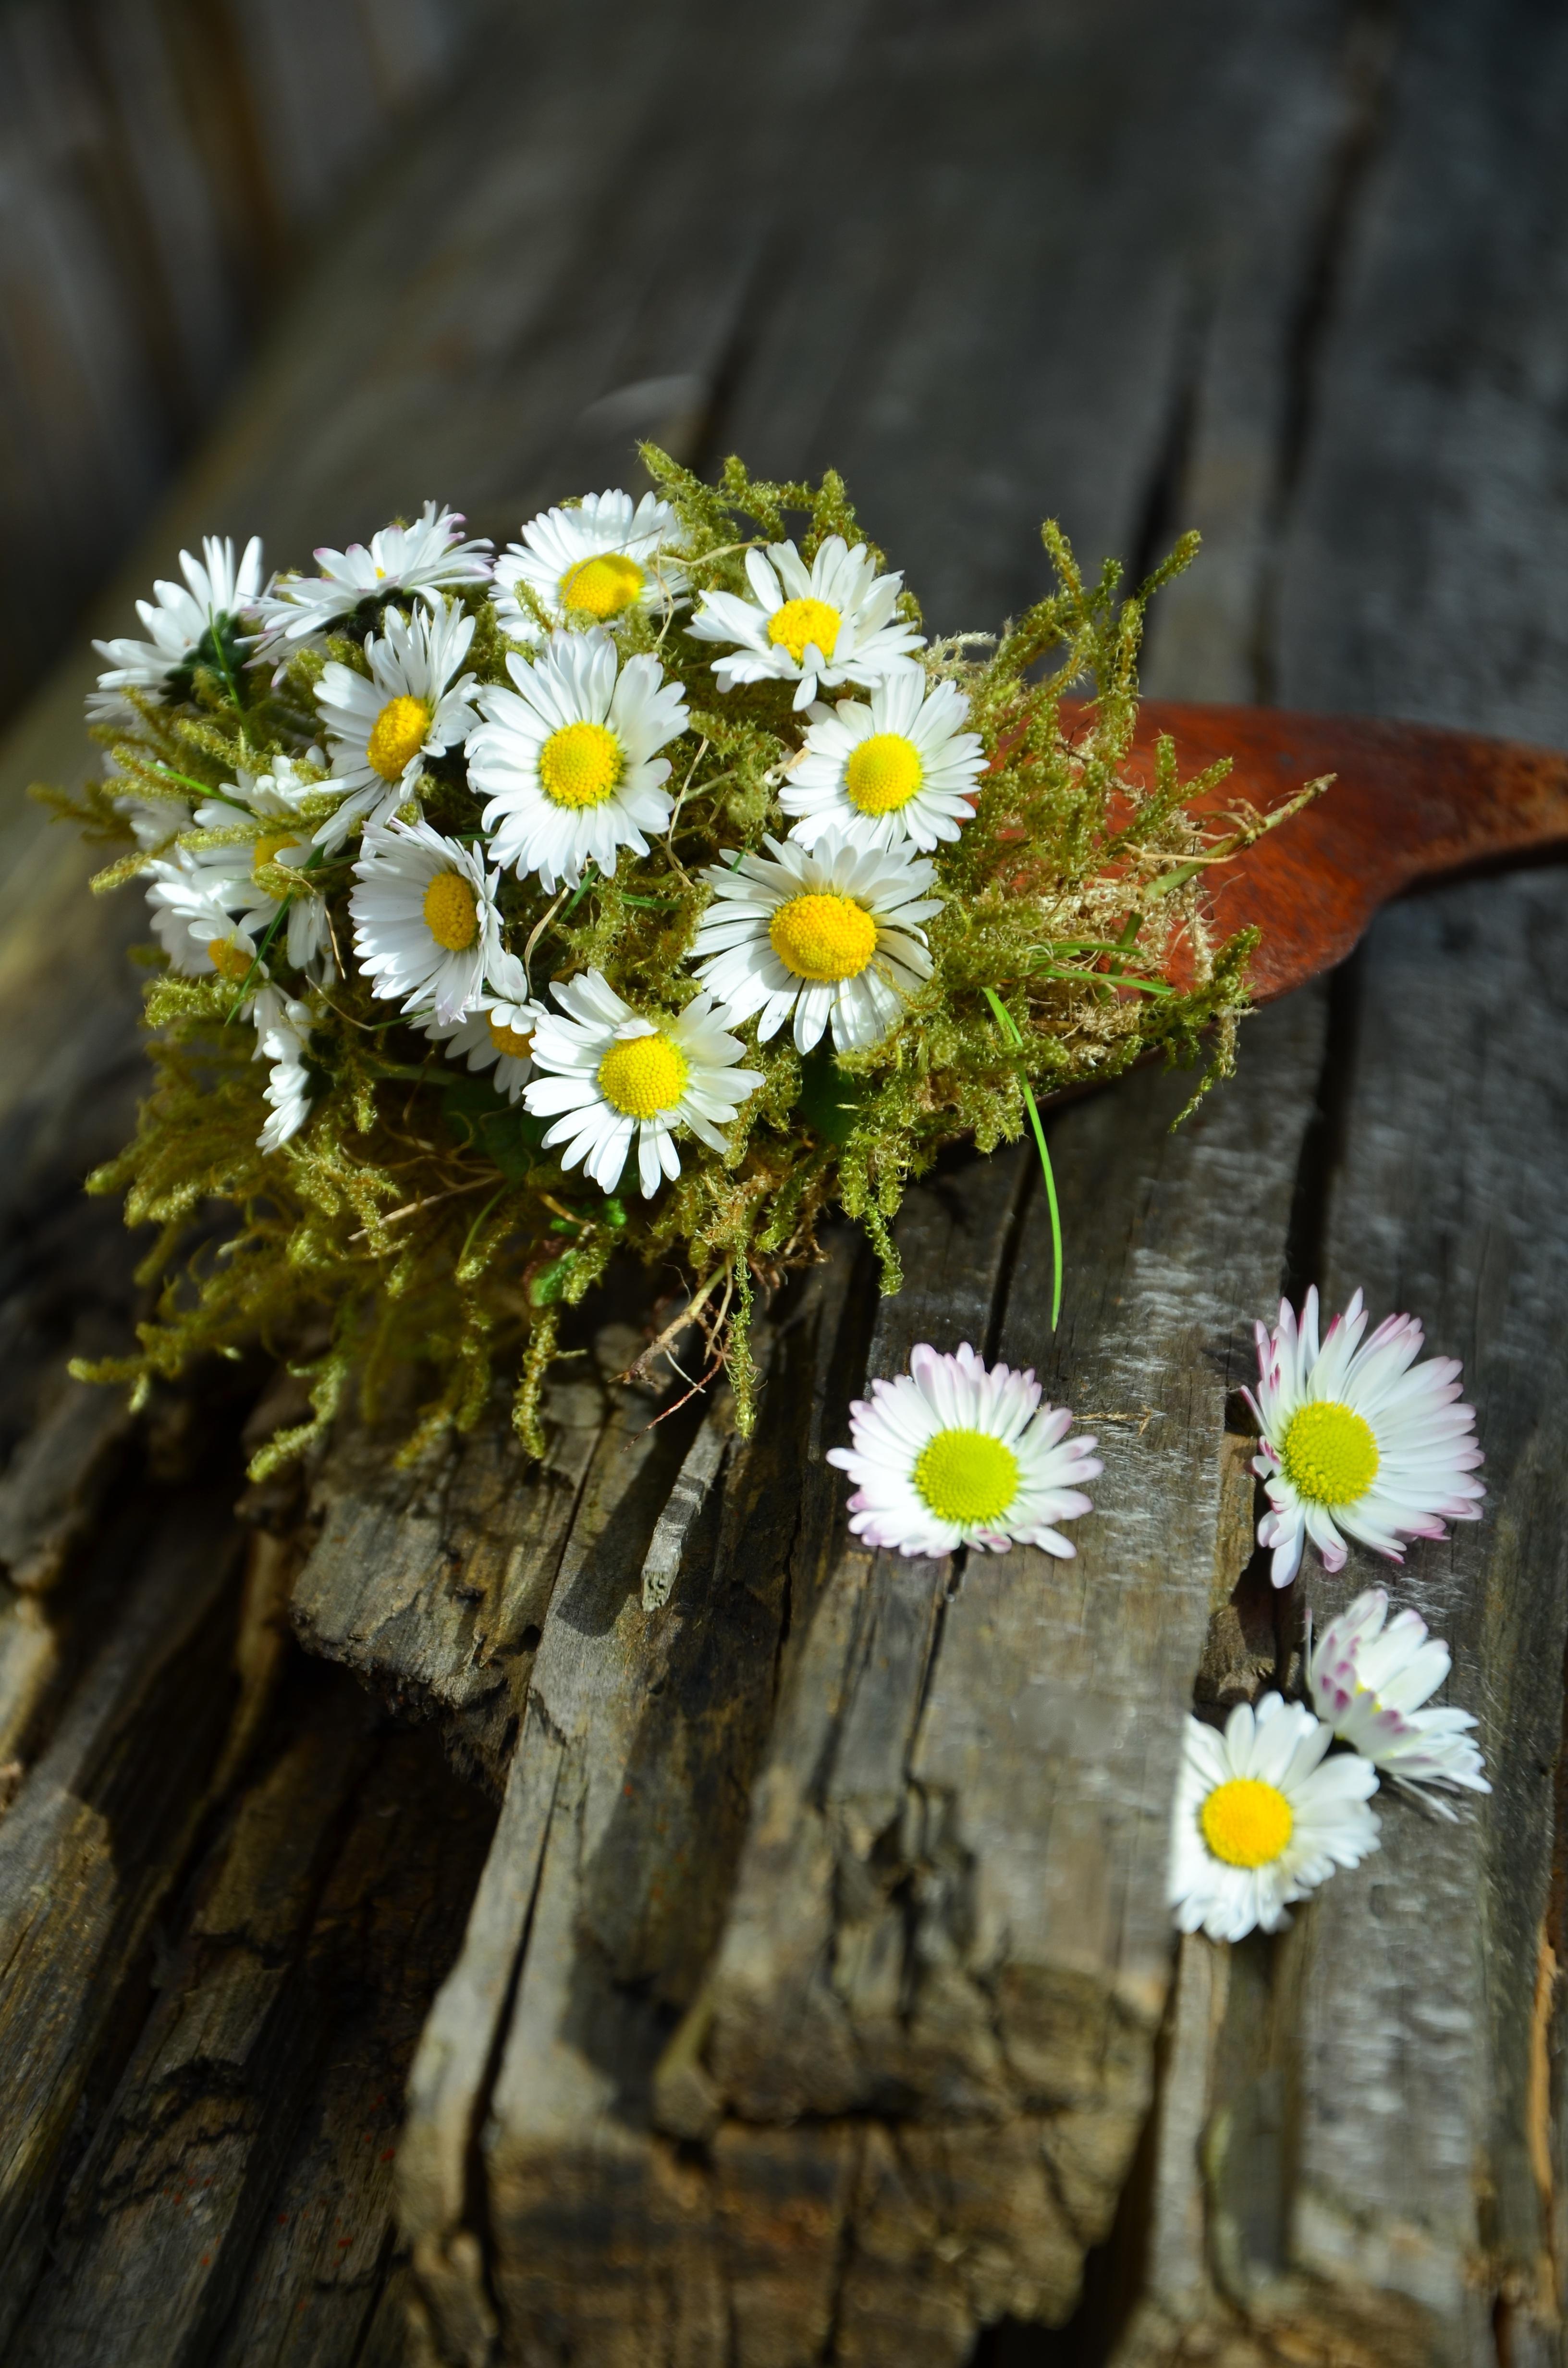 Très Images Gratuites : la nature, branche, fleur, bois, blanc, pétale  LA12